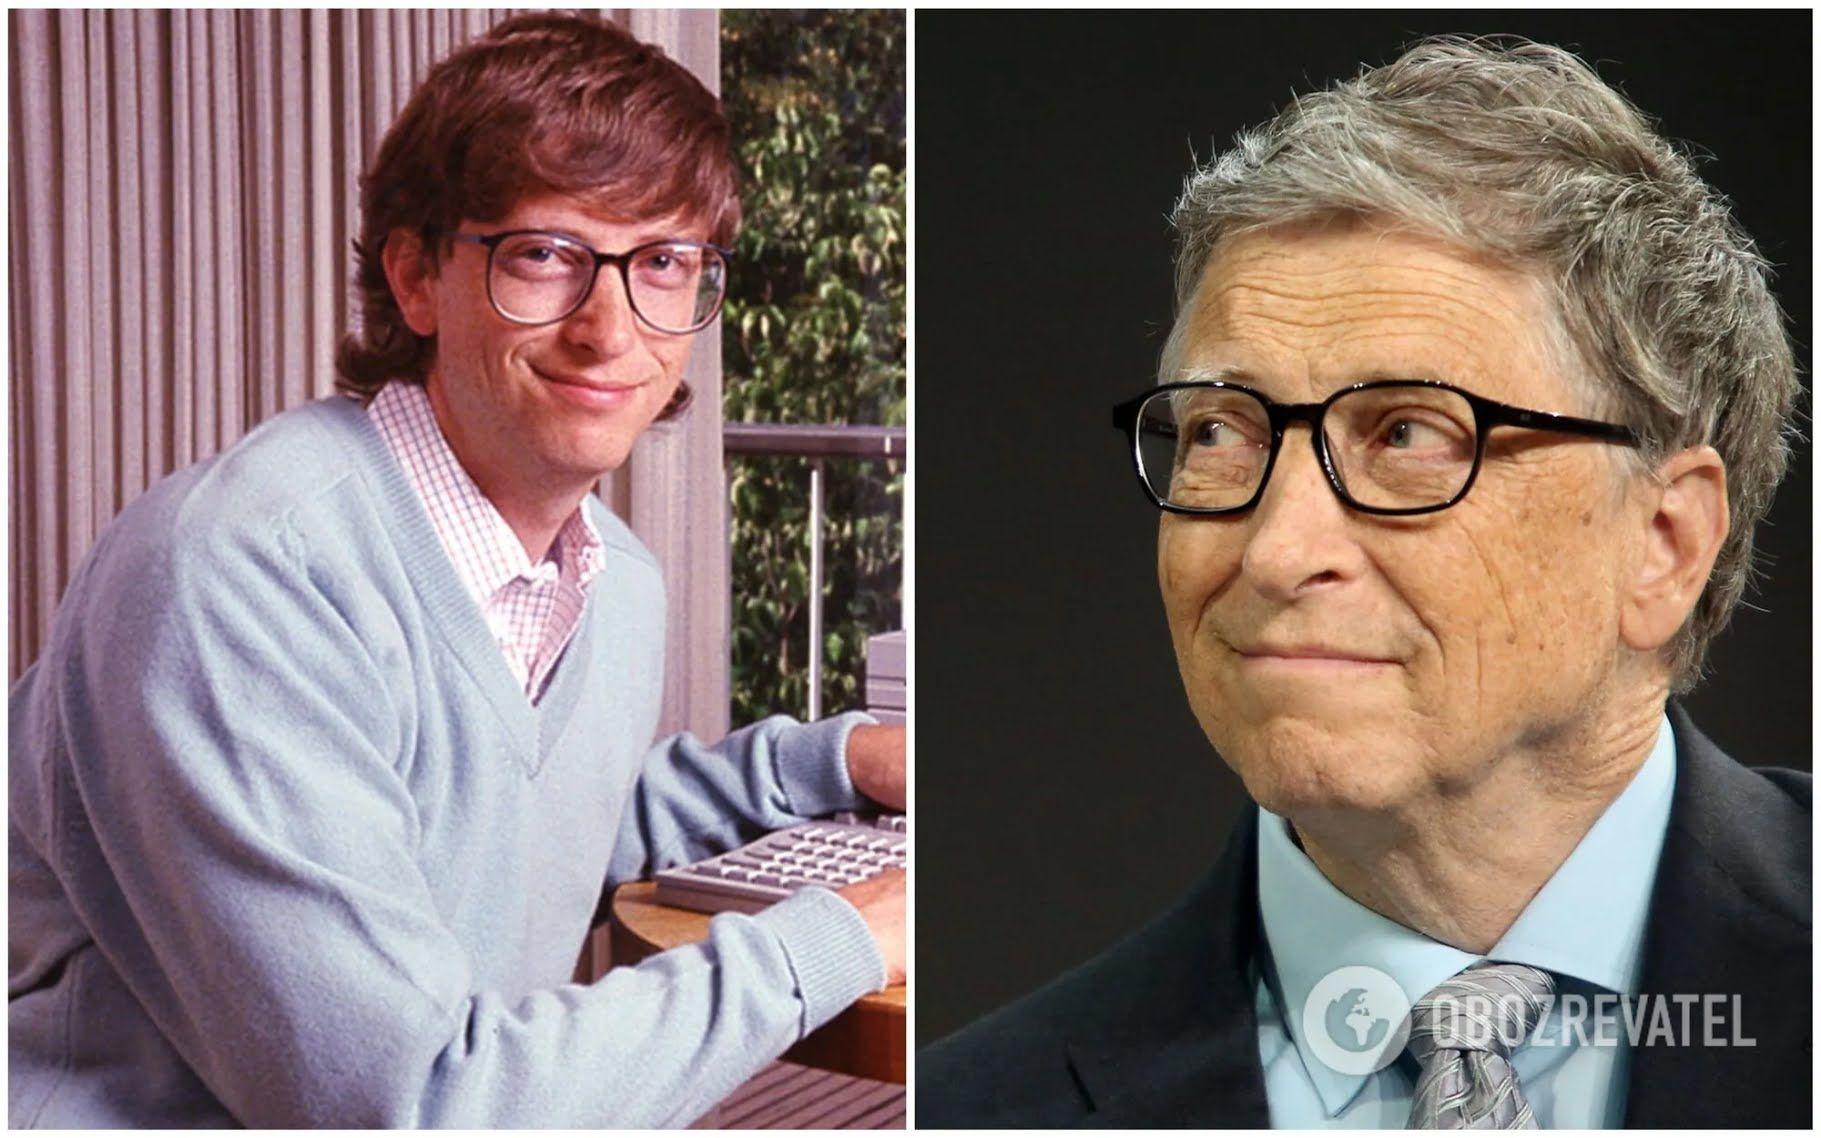 Білл Гейтс пропускав уроки, щоб посидіти в комп'ютерному класі.